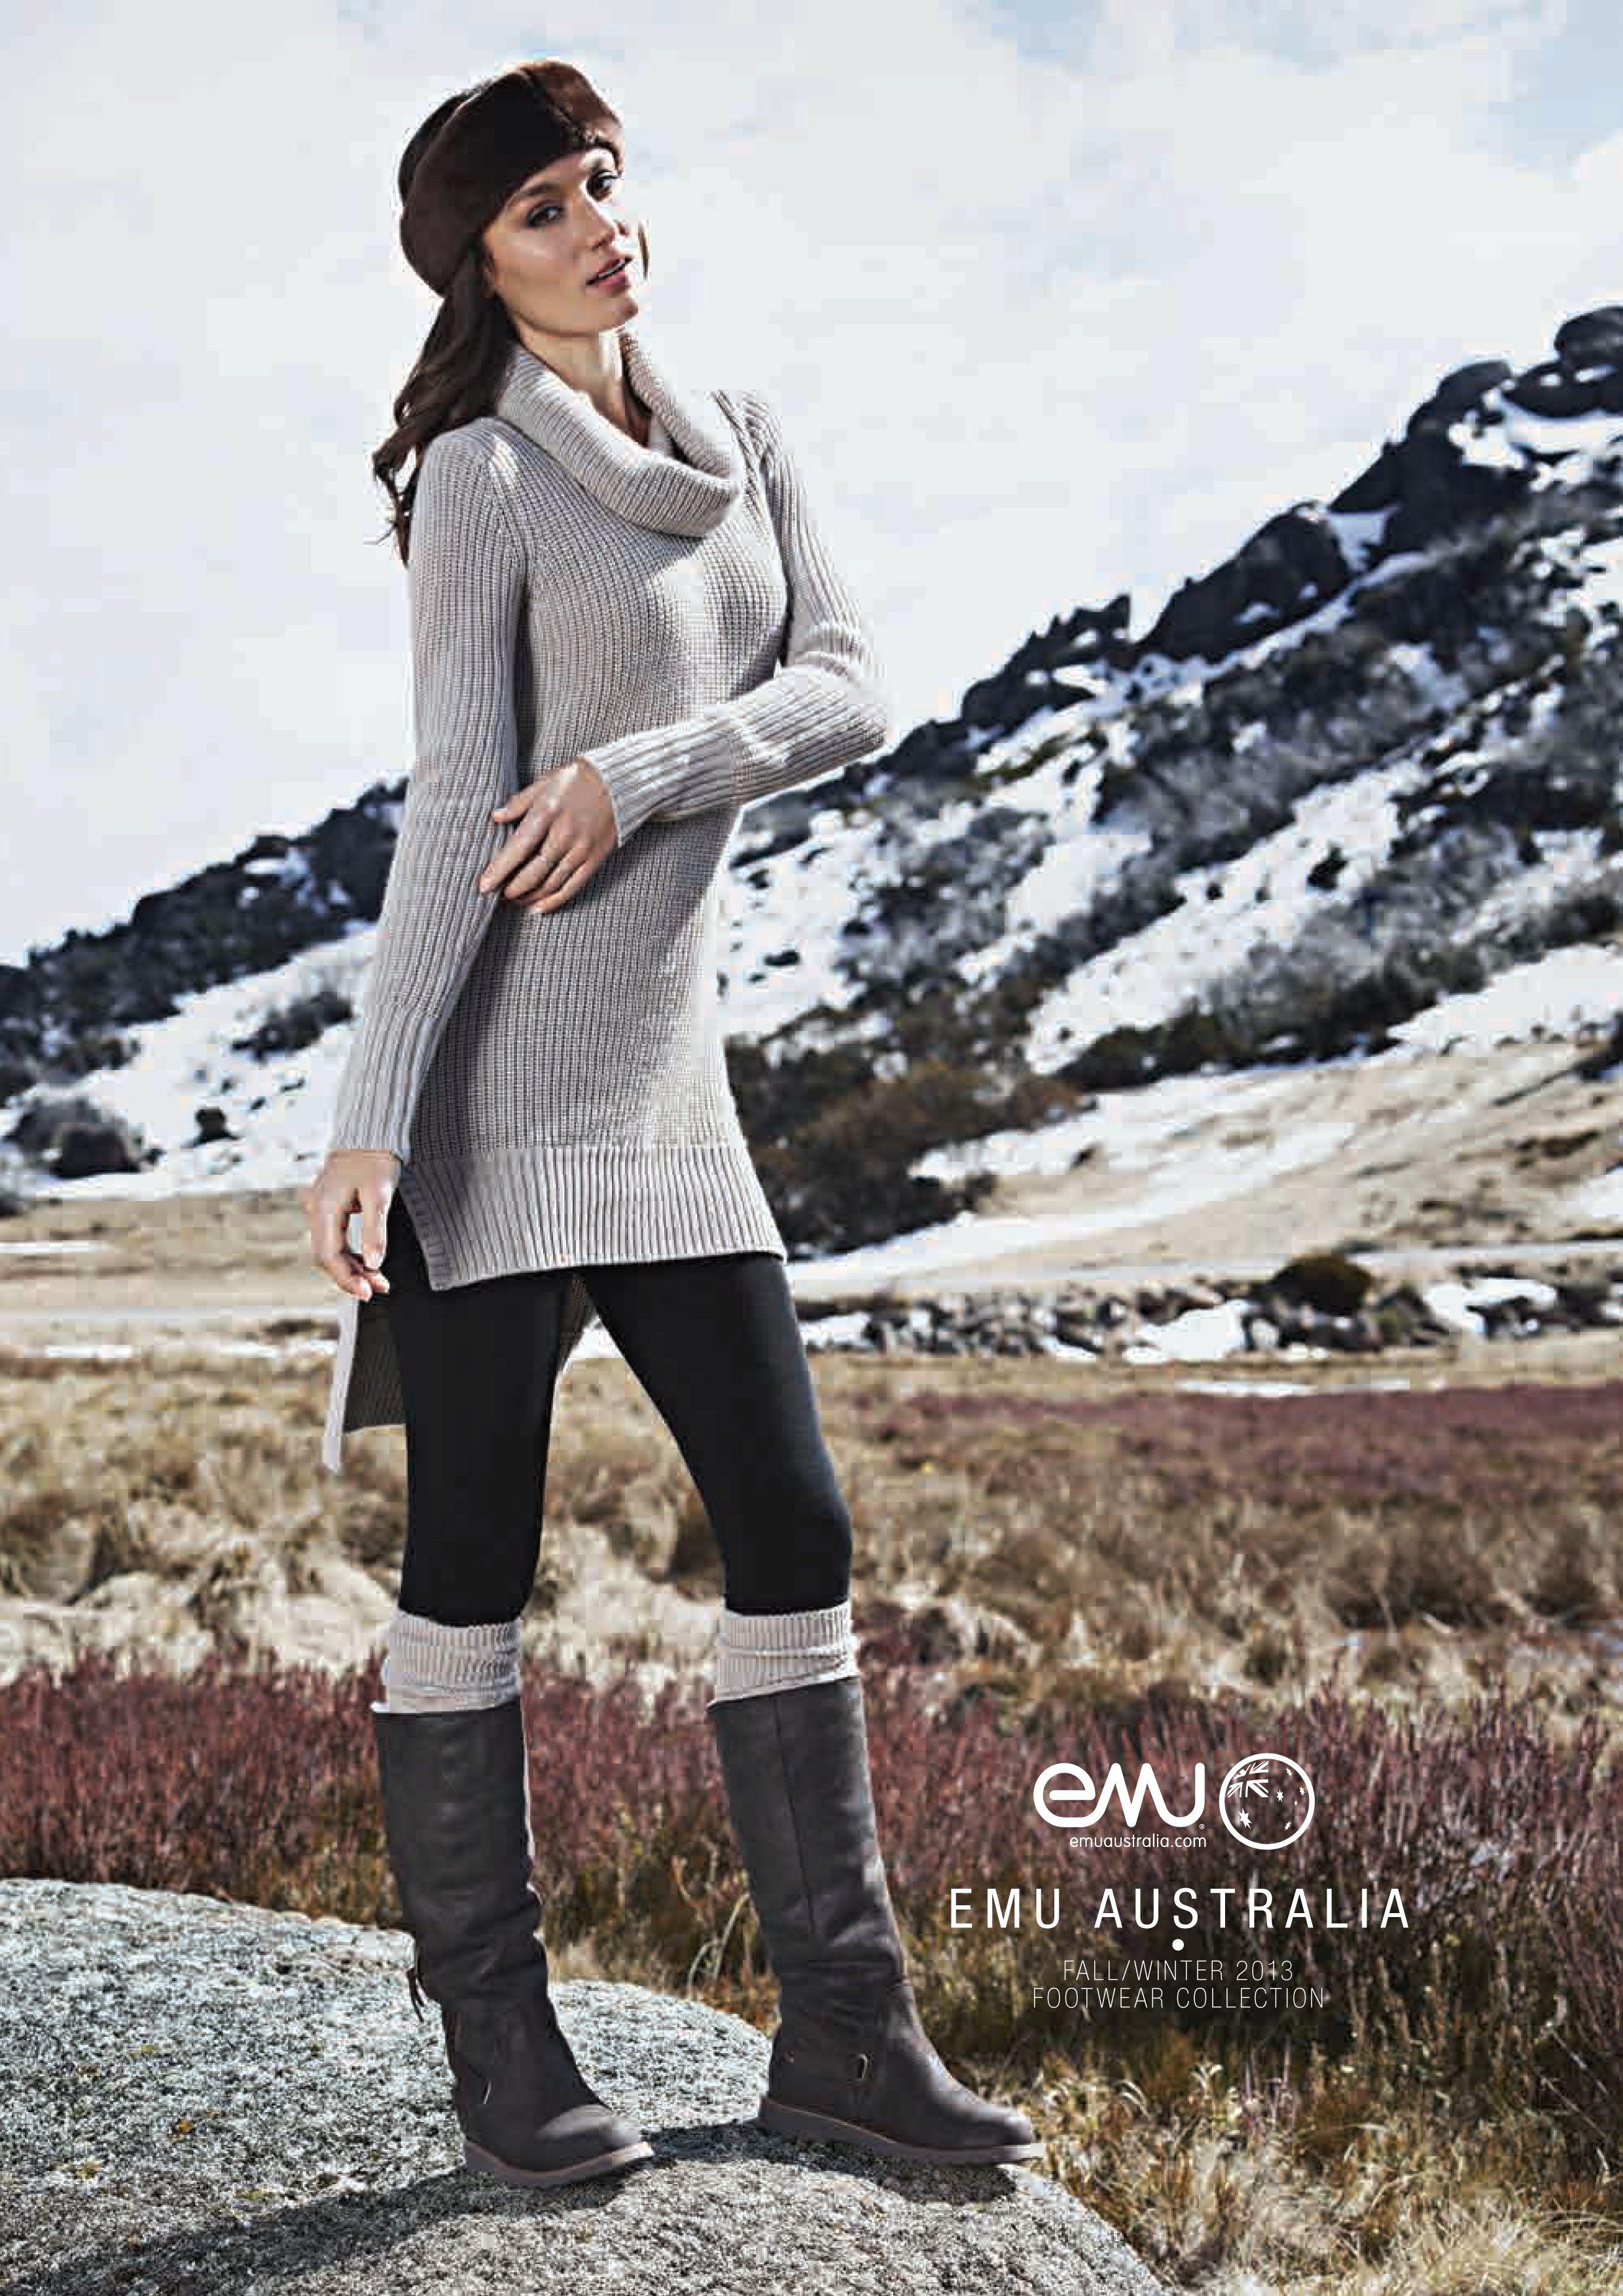 RAUM EDITION / EMU / http://2url.kr/yYc